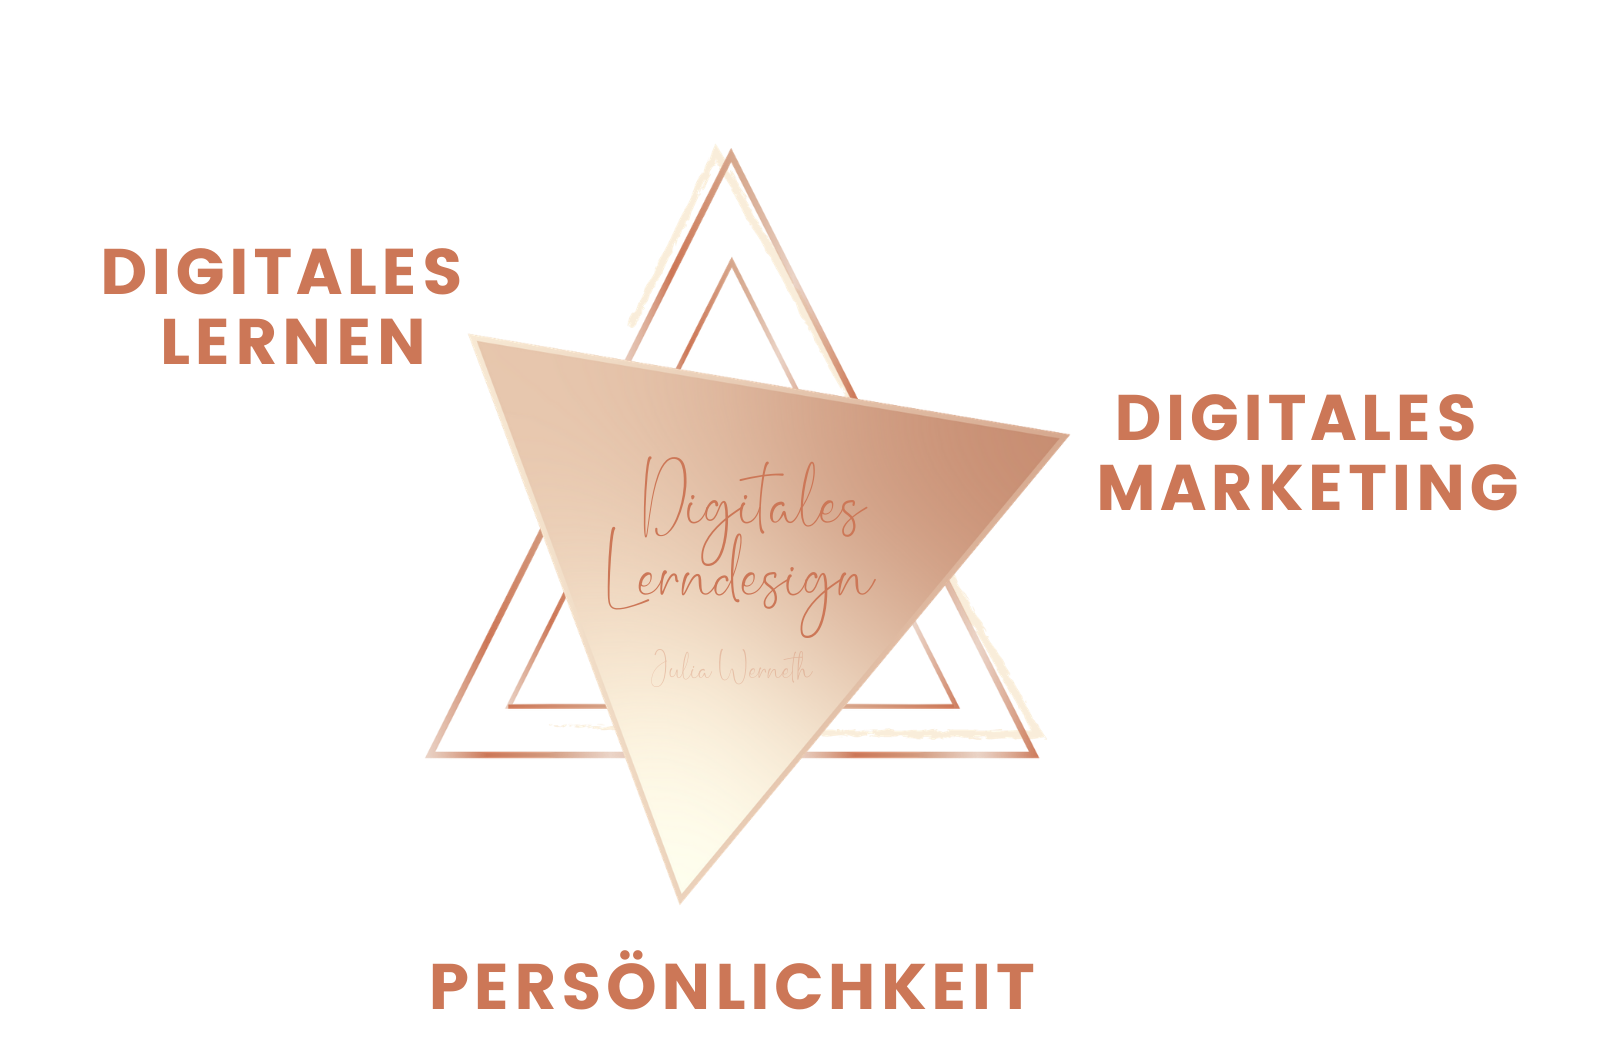 Julia Werneth Digitales Lernen Digitales Marketing Persönlichkeit